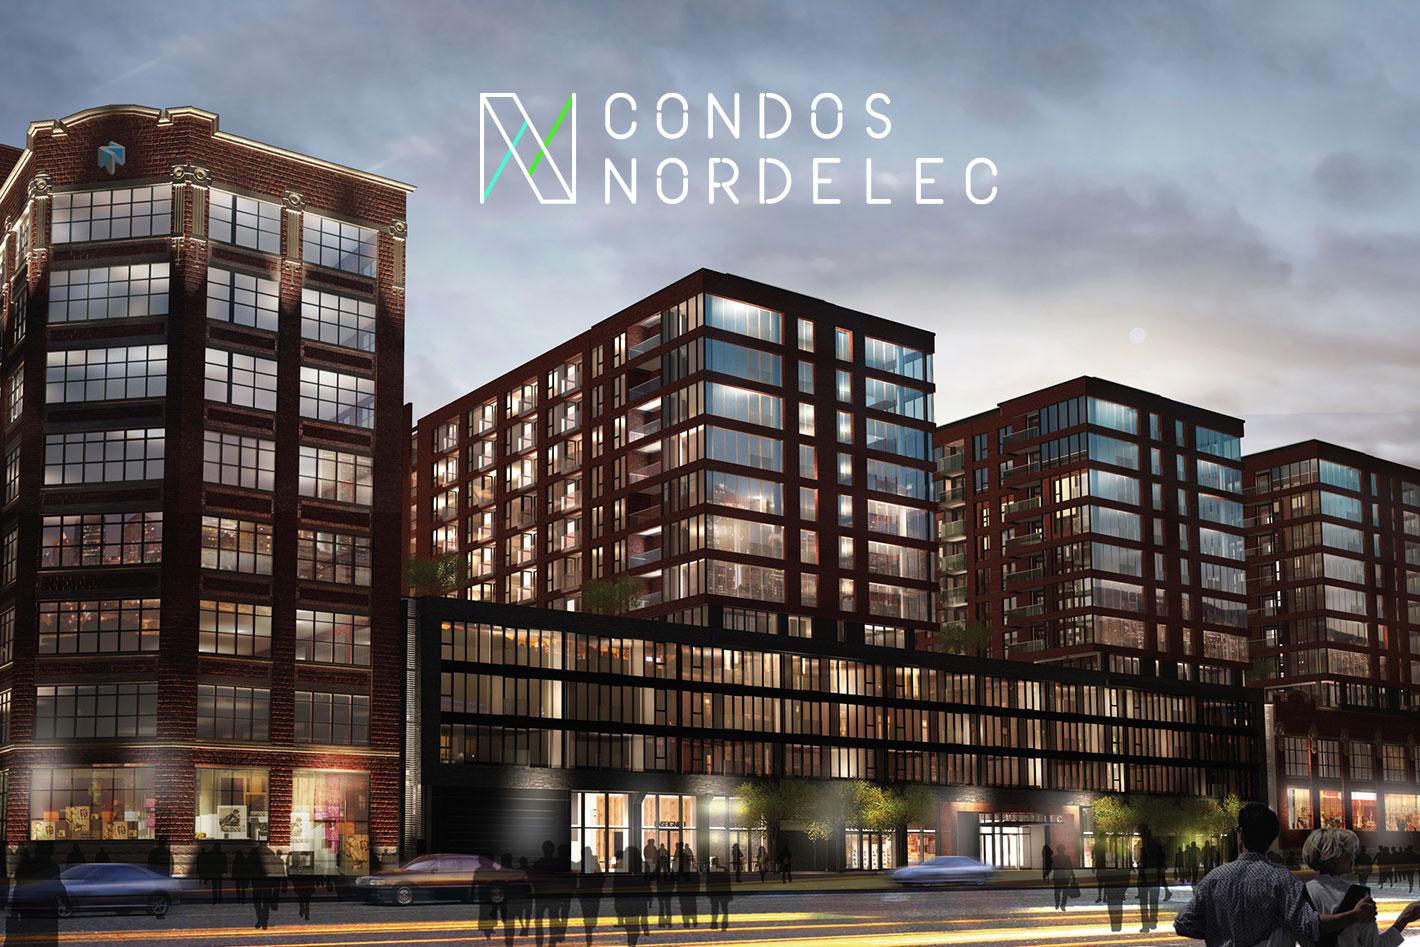 Nordelec_IMGS_1420x947LOGO+RENDU